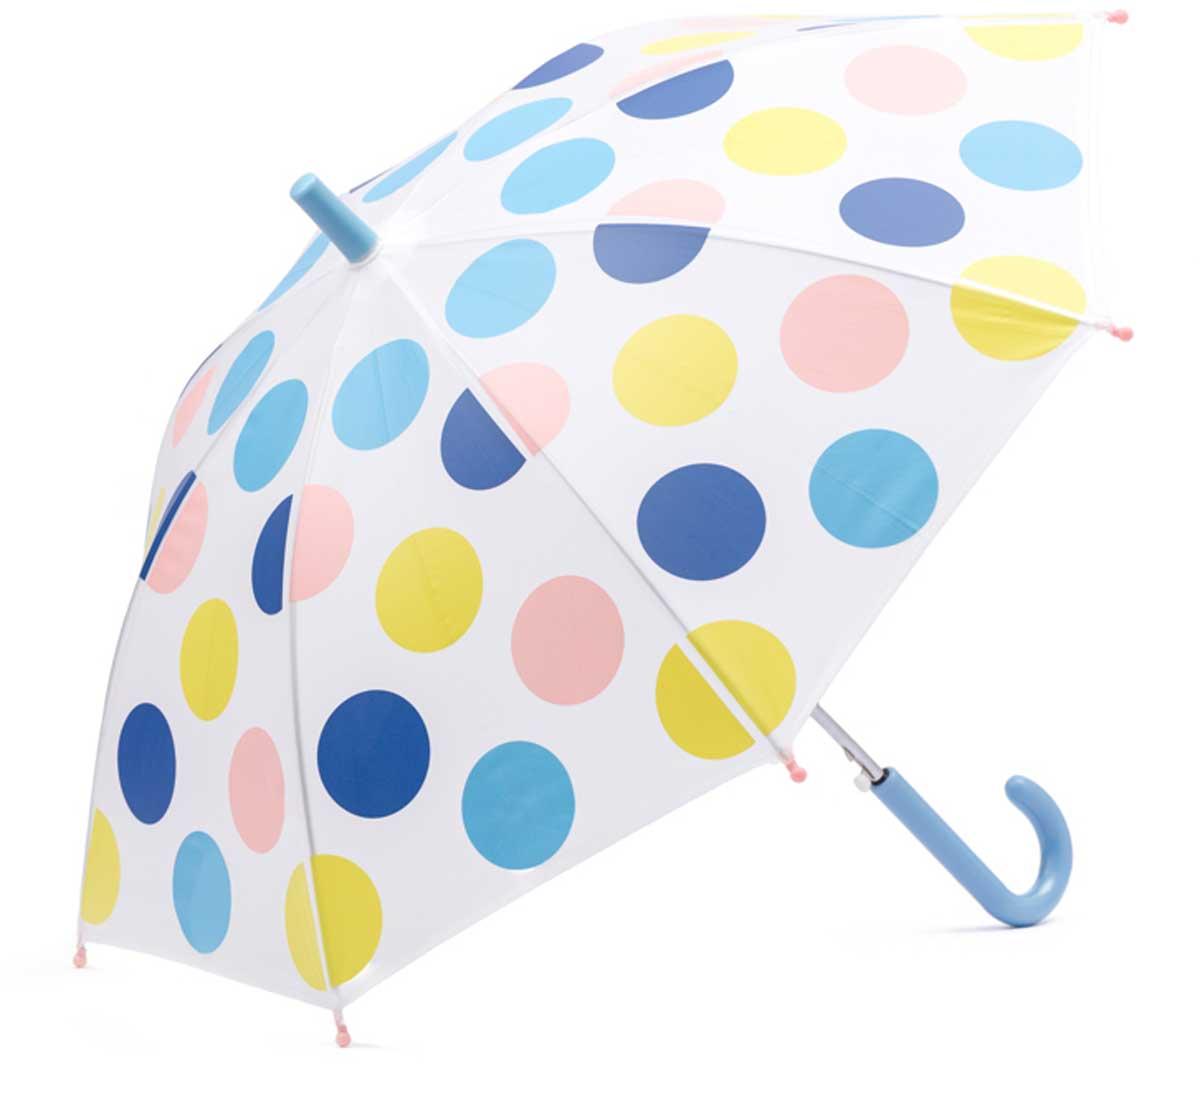 Зонт для девочки PlayToday, цвет: белый, синий, голубой, розовый, салатовый. 178702. Размер 41.5178702Этот зонтик обязательно понравится Вашему ребенку! Оснащен специальной безопасной системой открывания и закрывания. Материал каркаса ветроустойчивый. Концы спиц снабжены пластмассовыми наконечниками для защиты от травм. Такой зонт идеально подойдет для прогулок в дождливую погоду.Преимущества:Оснащен специальной безопасной системой открывания и закрыванияКонцы спиц снабжены пластмассовыми наконечниками для защиты от травм